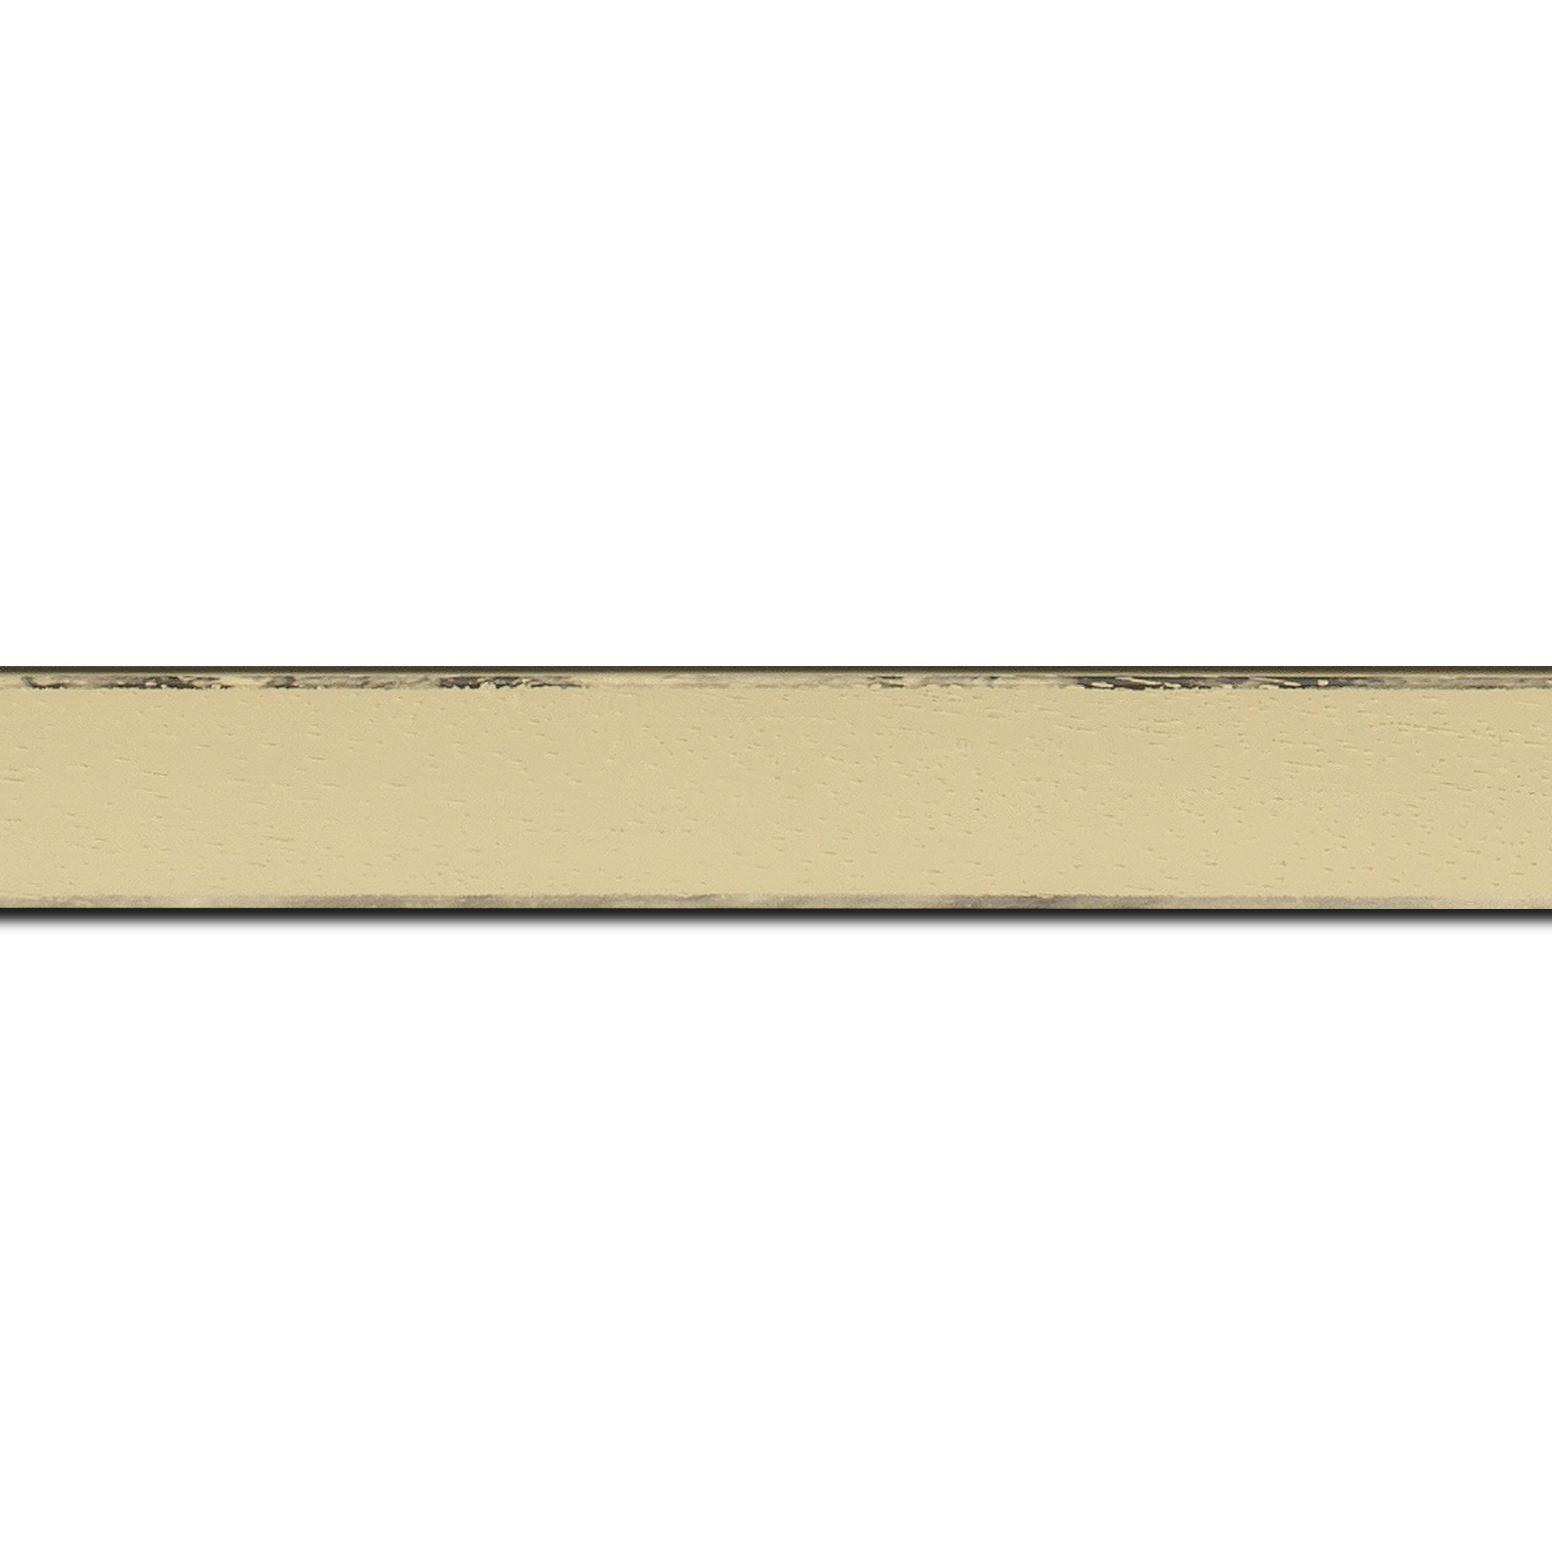 Pack par 12m, bois profil concave largeur 2.4cm couleur ivoire  satiné  arêtes essuyés noircies de chaque coté  (longueur baguette pouvant varier entre 2.40m et 3m selon arrivage des bois)